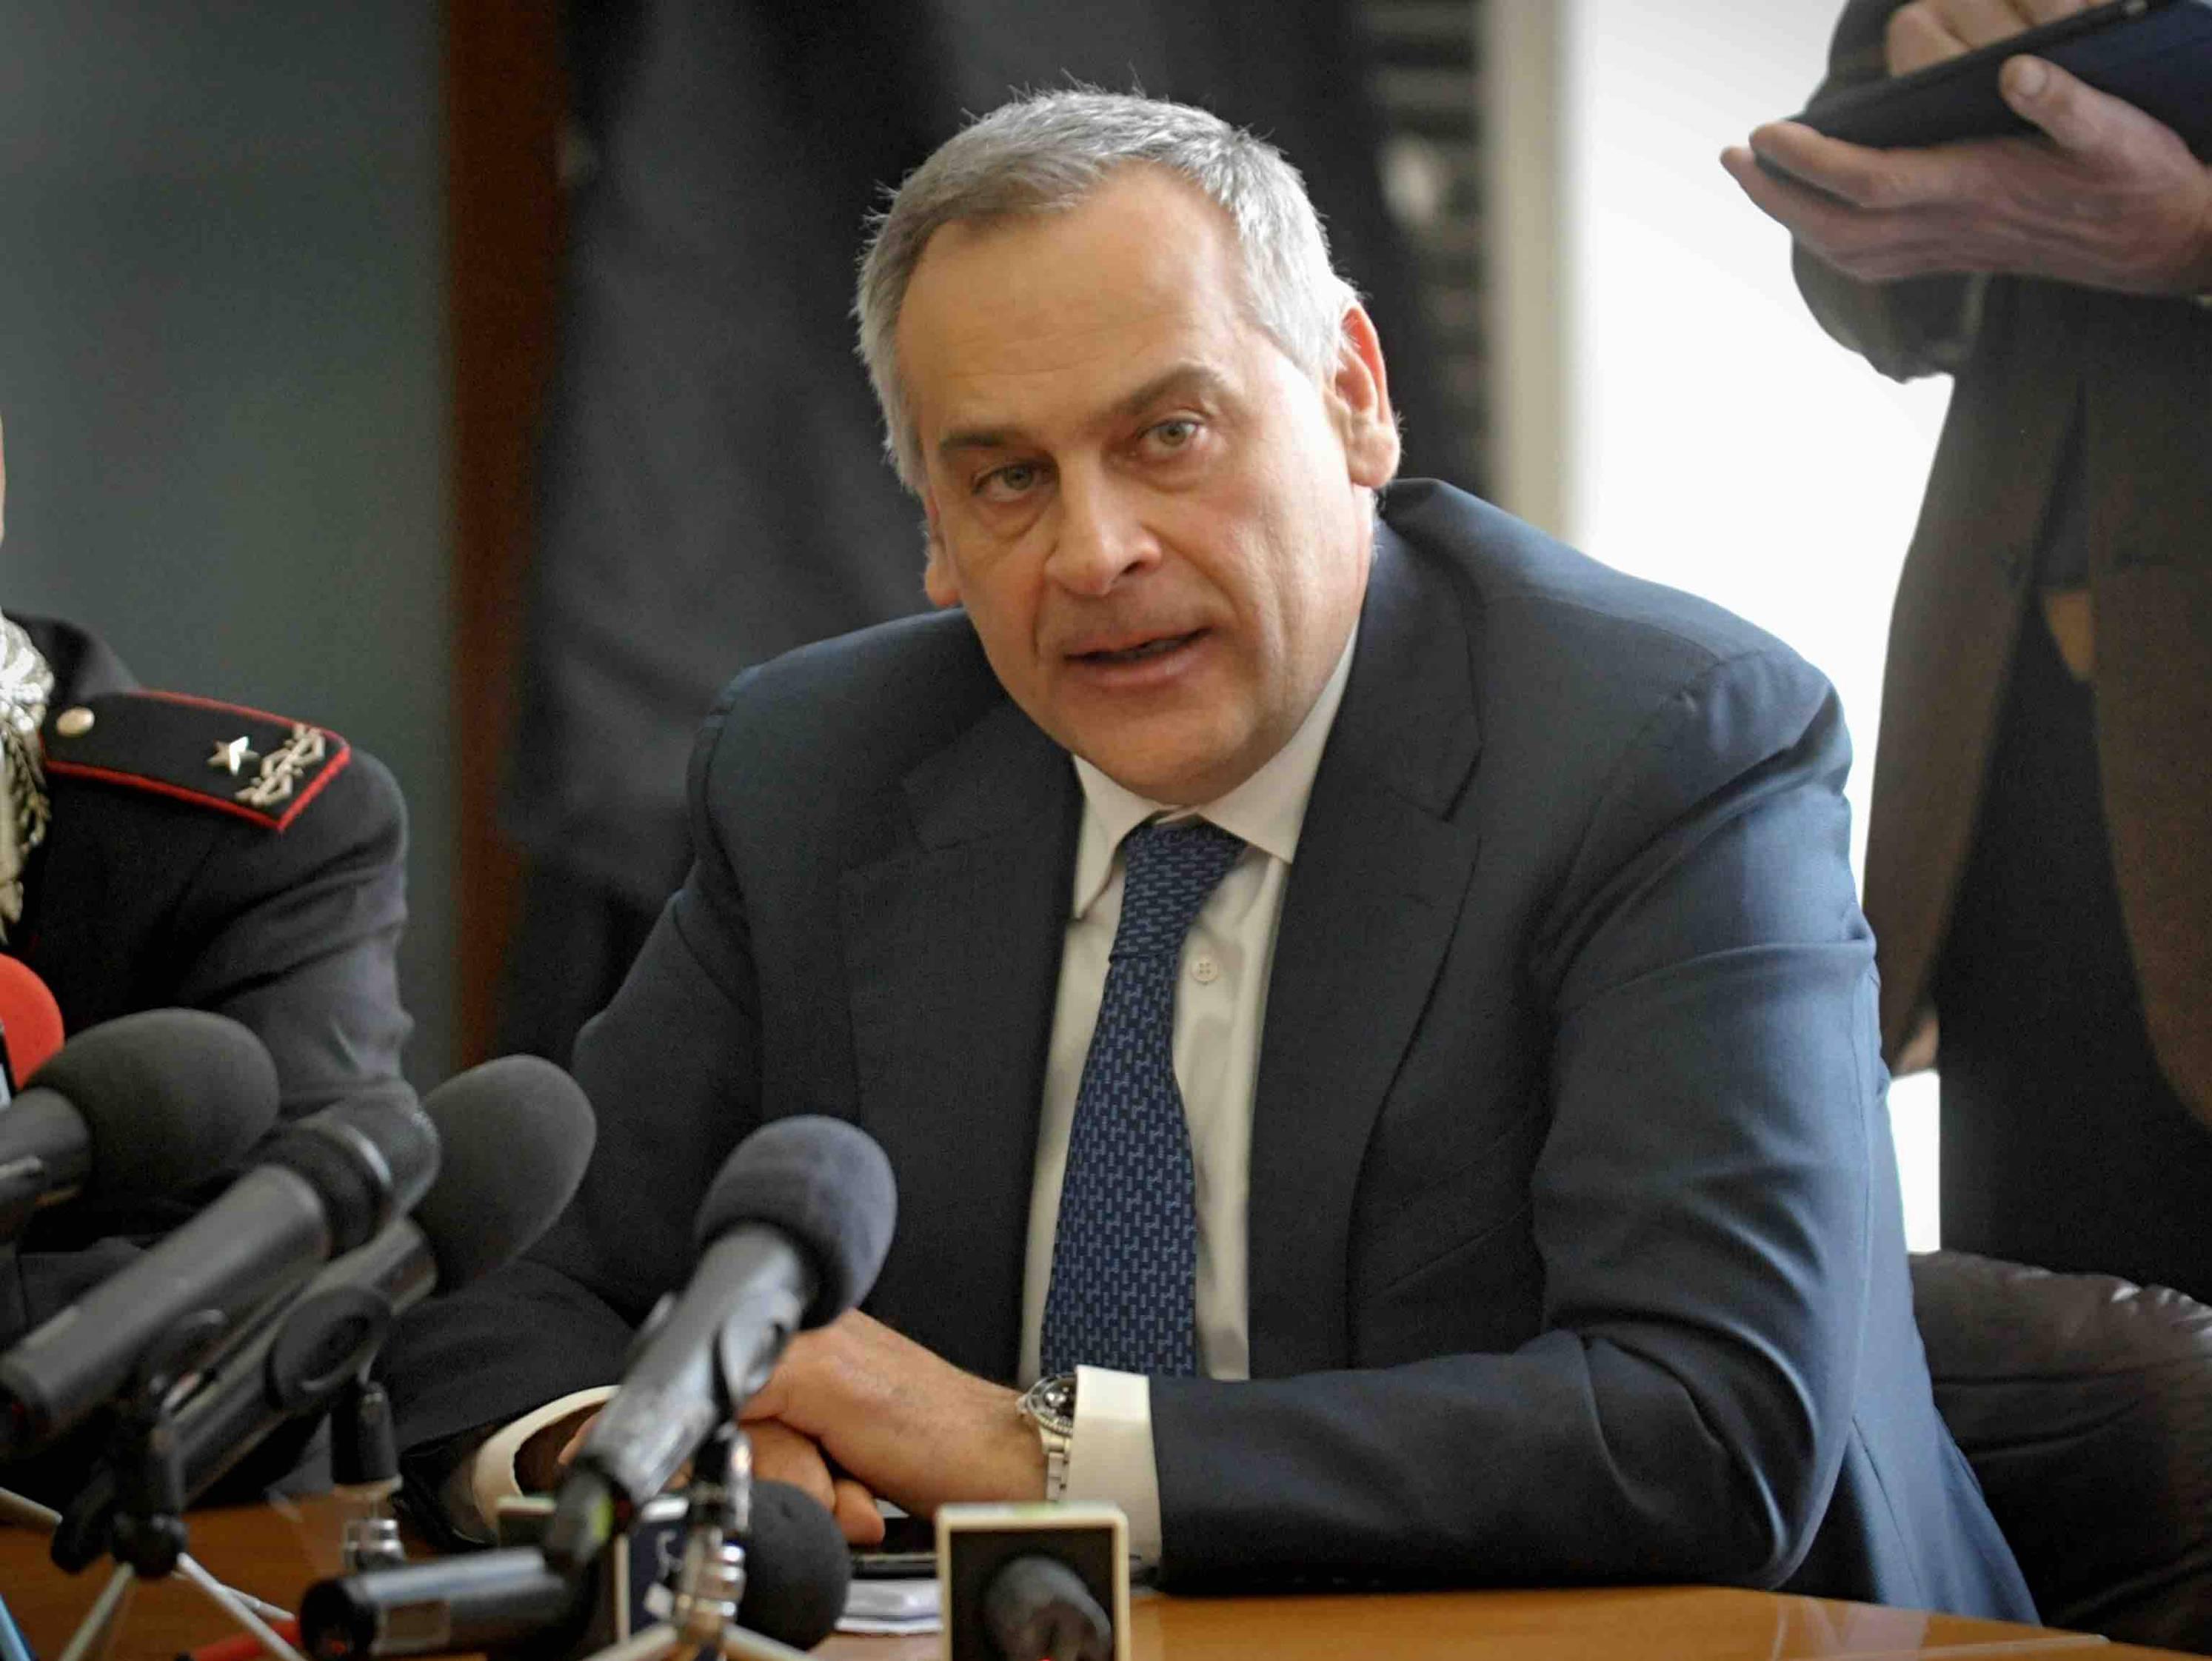 È docente dell'Università della Tuscia Lamberto Giannini, il nuovo capo della Polizia di Stato